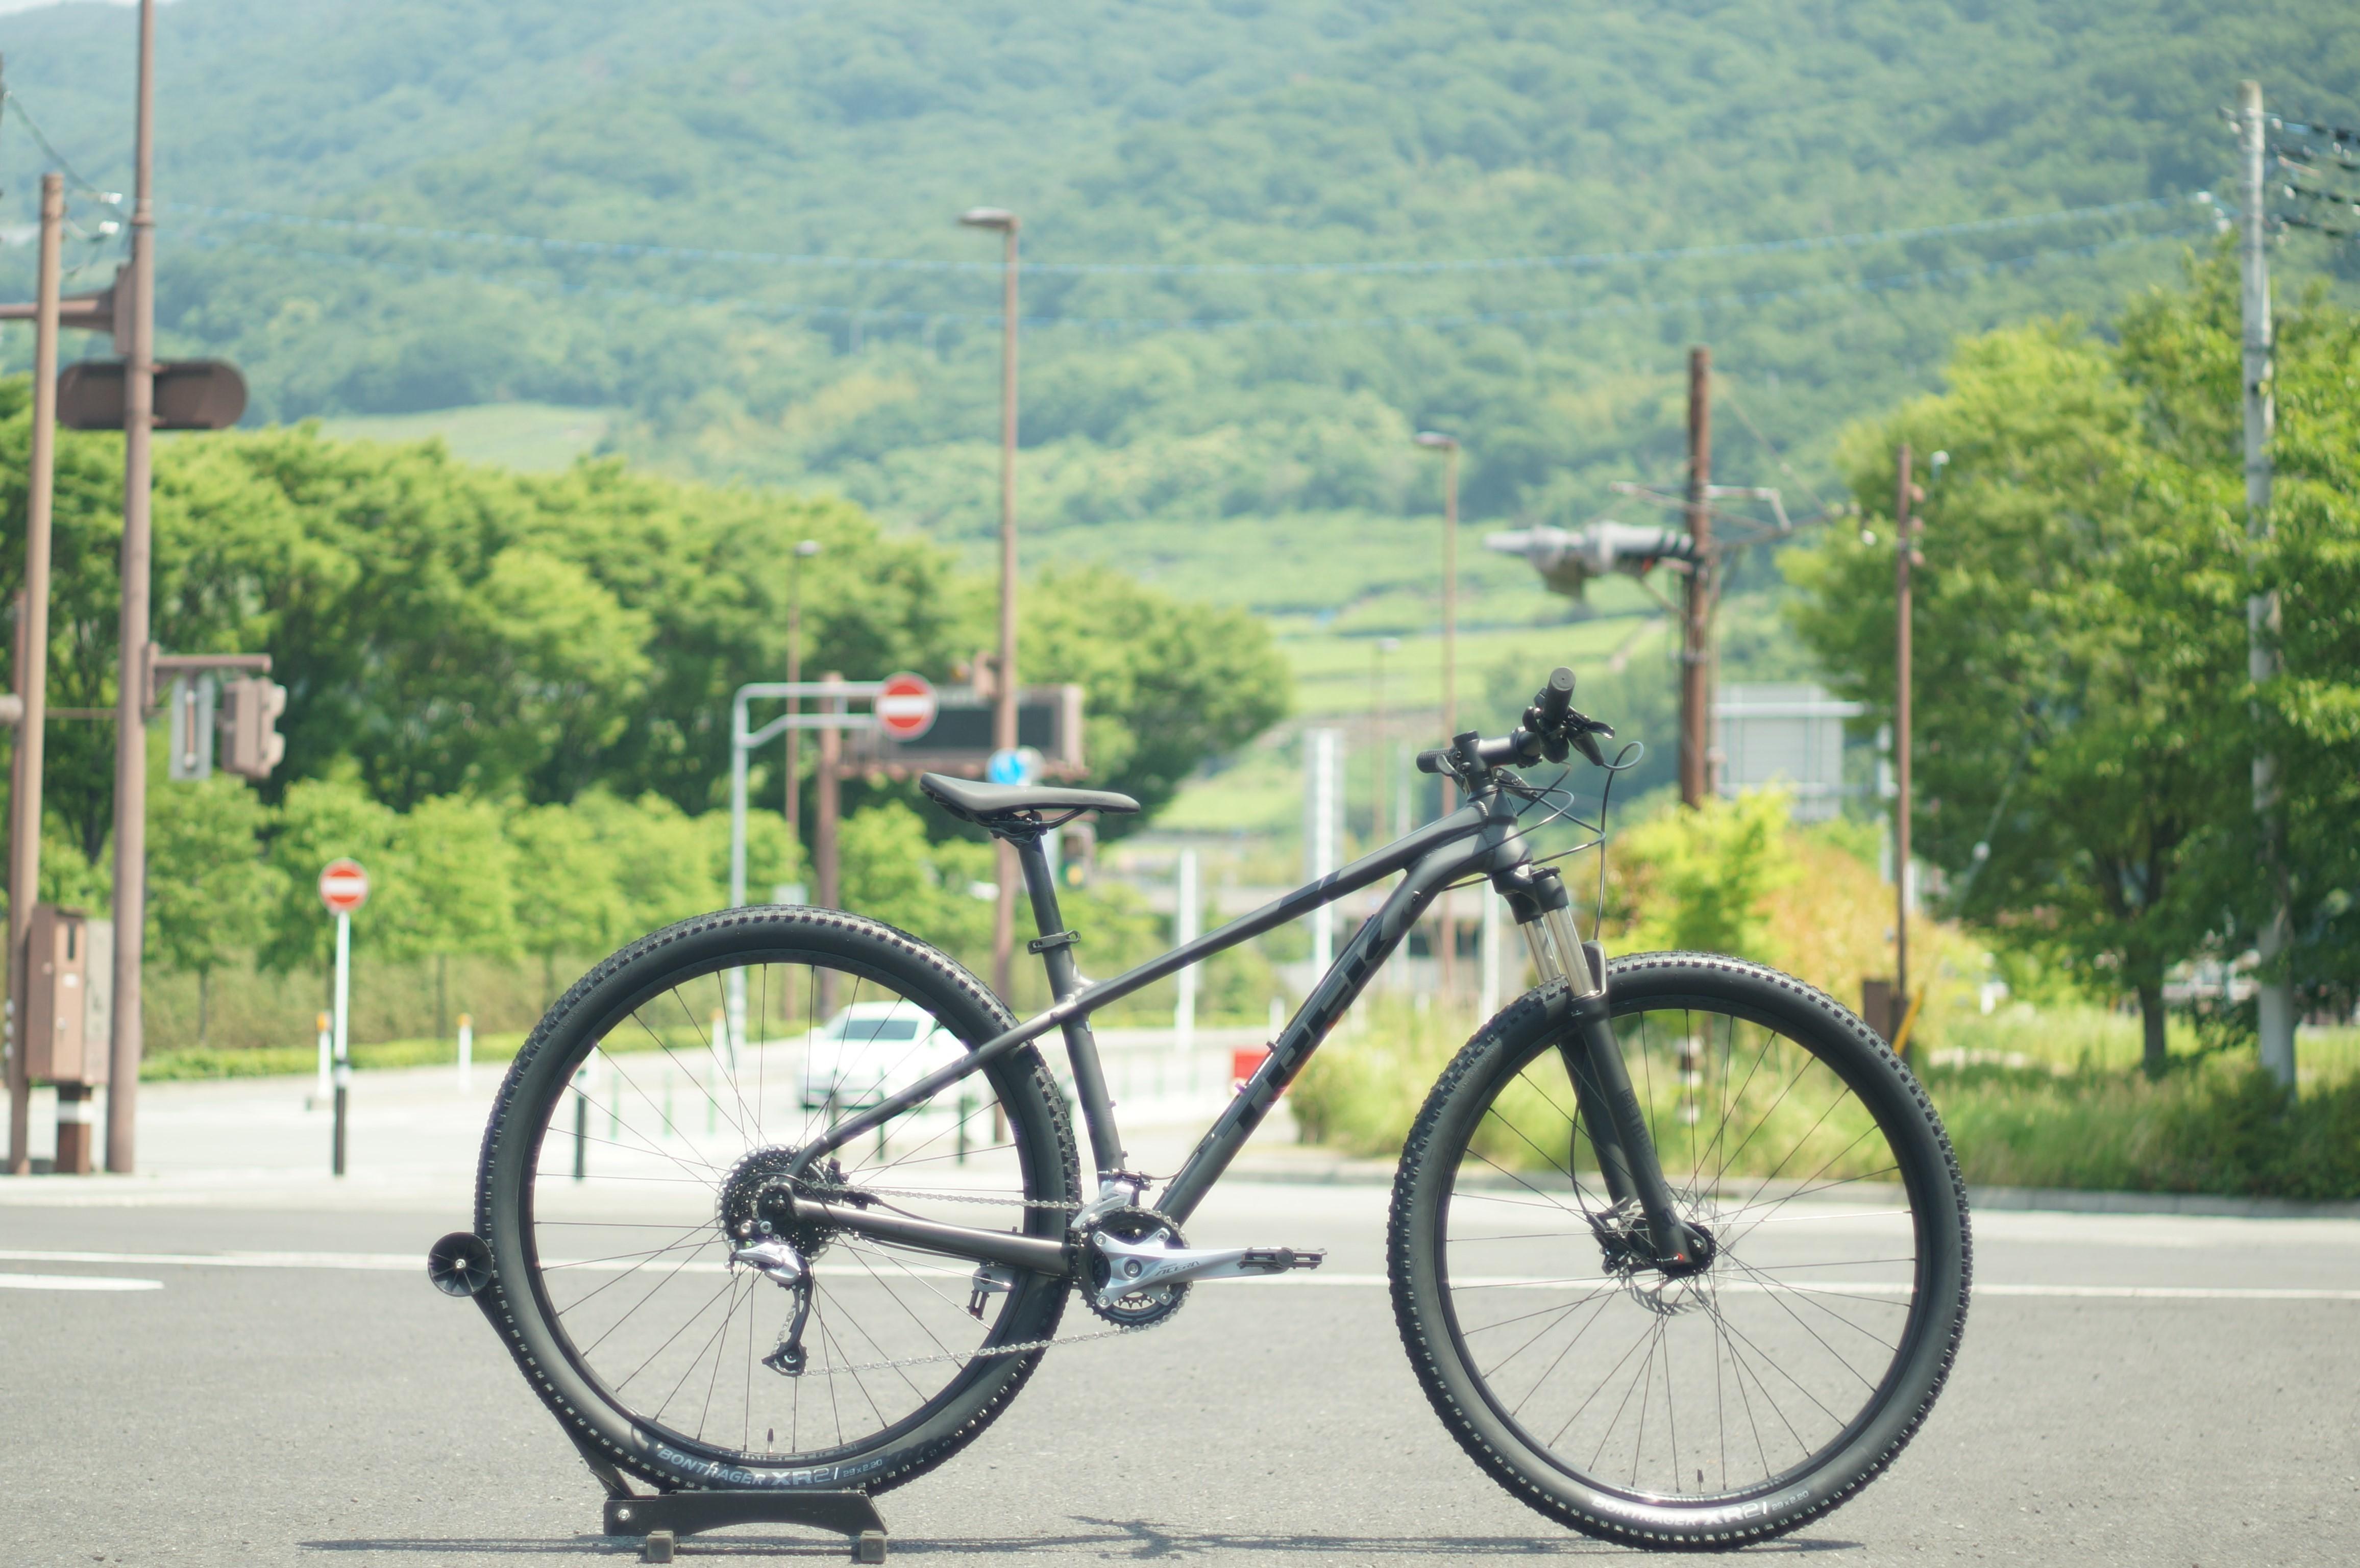 【試乗車情報】マウンテンバイク「X-Caliber 7」の試乗車を追加しました!